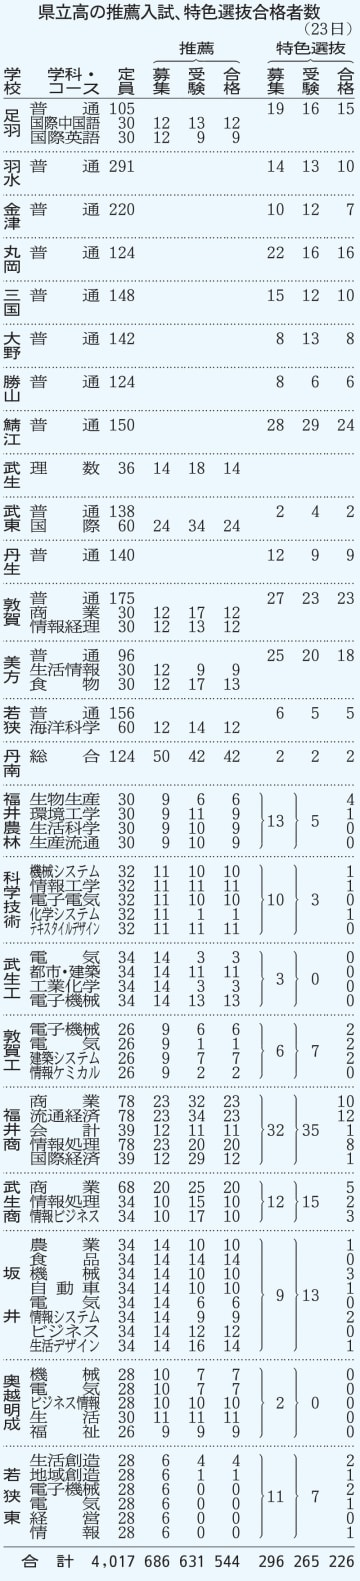 福井県立高校の推薦入試、特色選抜合格者数(2019年1月23日)